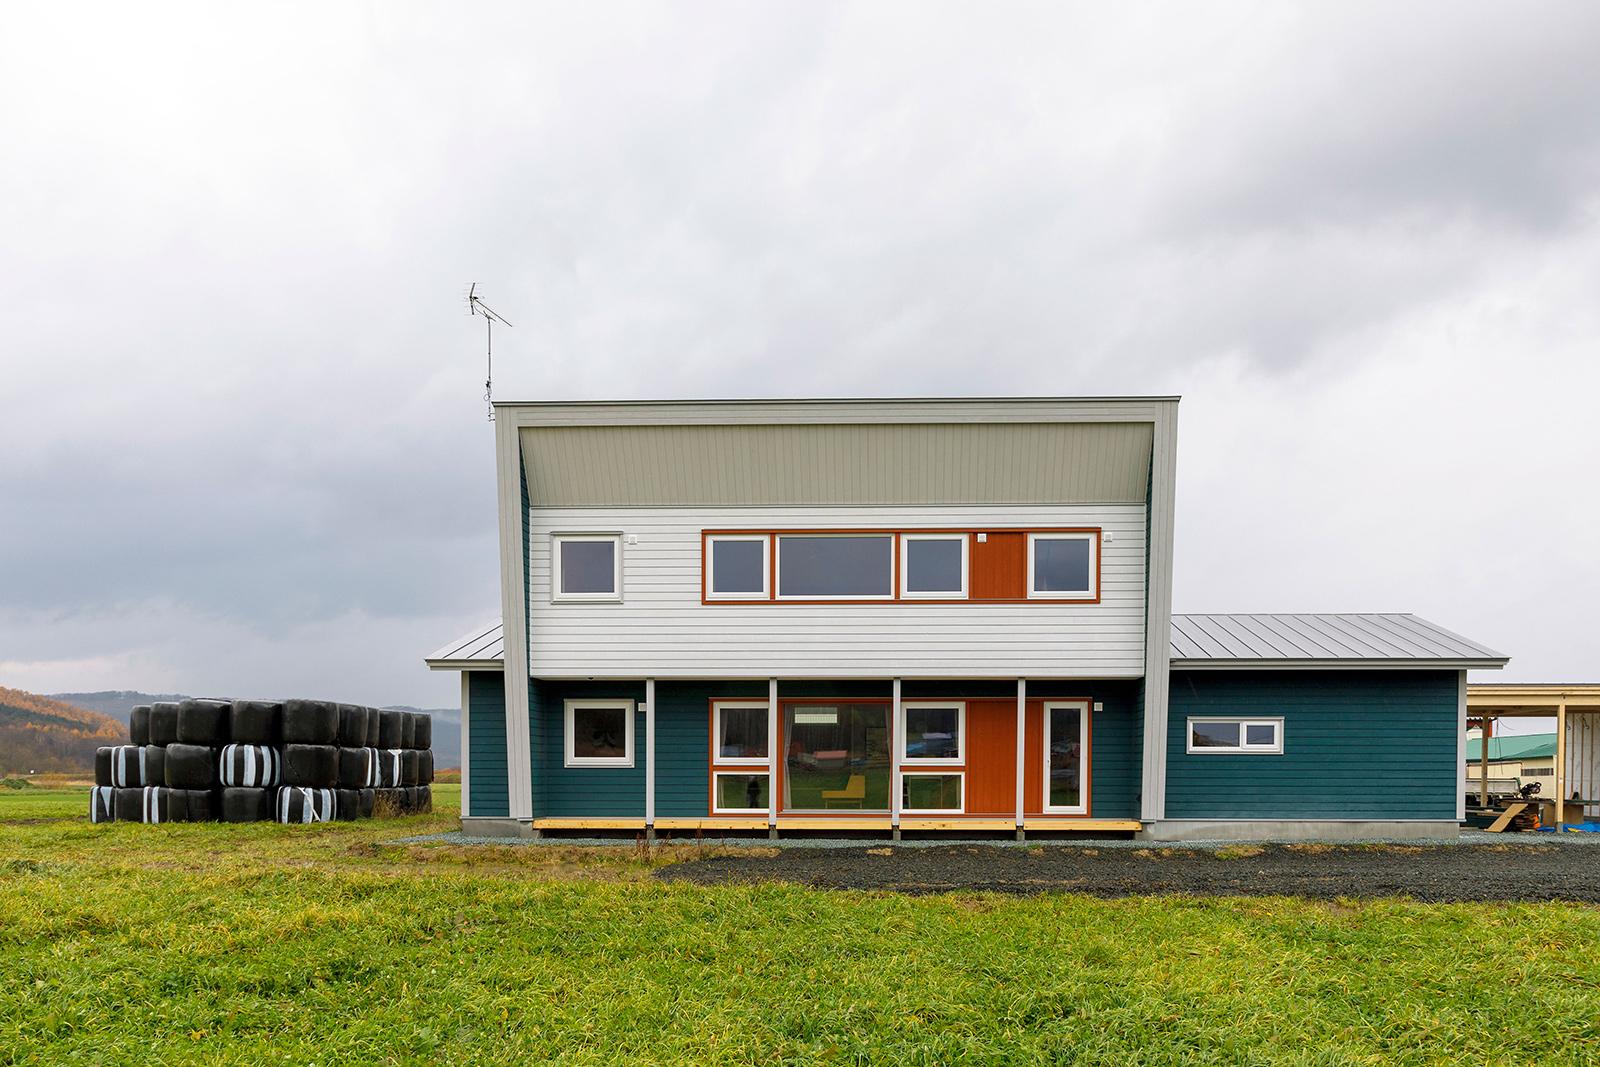 牧草地の中に建つAさん宅の外観は、片流れと三角屋根の組み合わせというAさんの希望が叶えられたもの。「自然界の中にある色を使い、周辺環境と調和するように、という澤田さんのアドバイスのもと、緑と土を意識したカラーをセレクトしました」